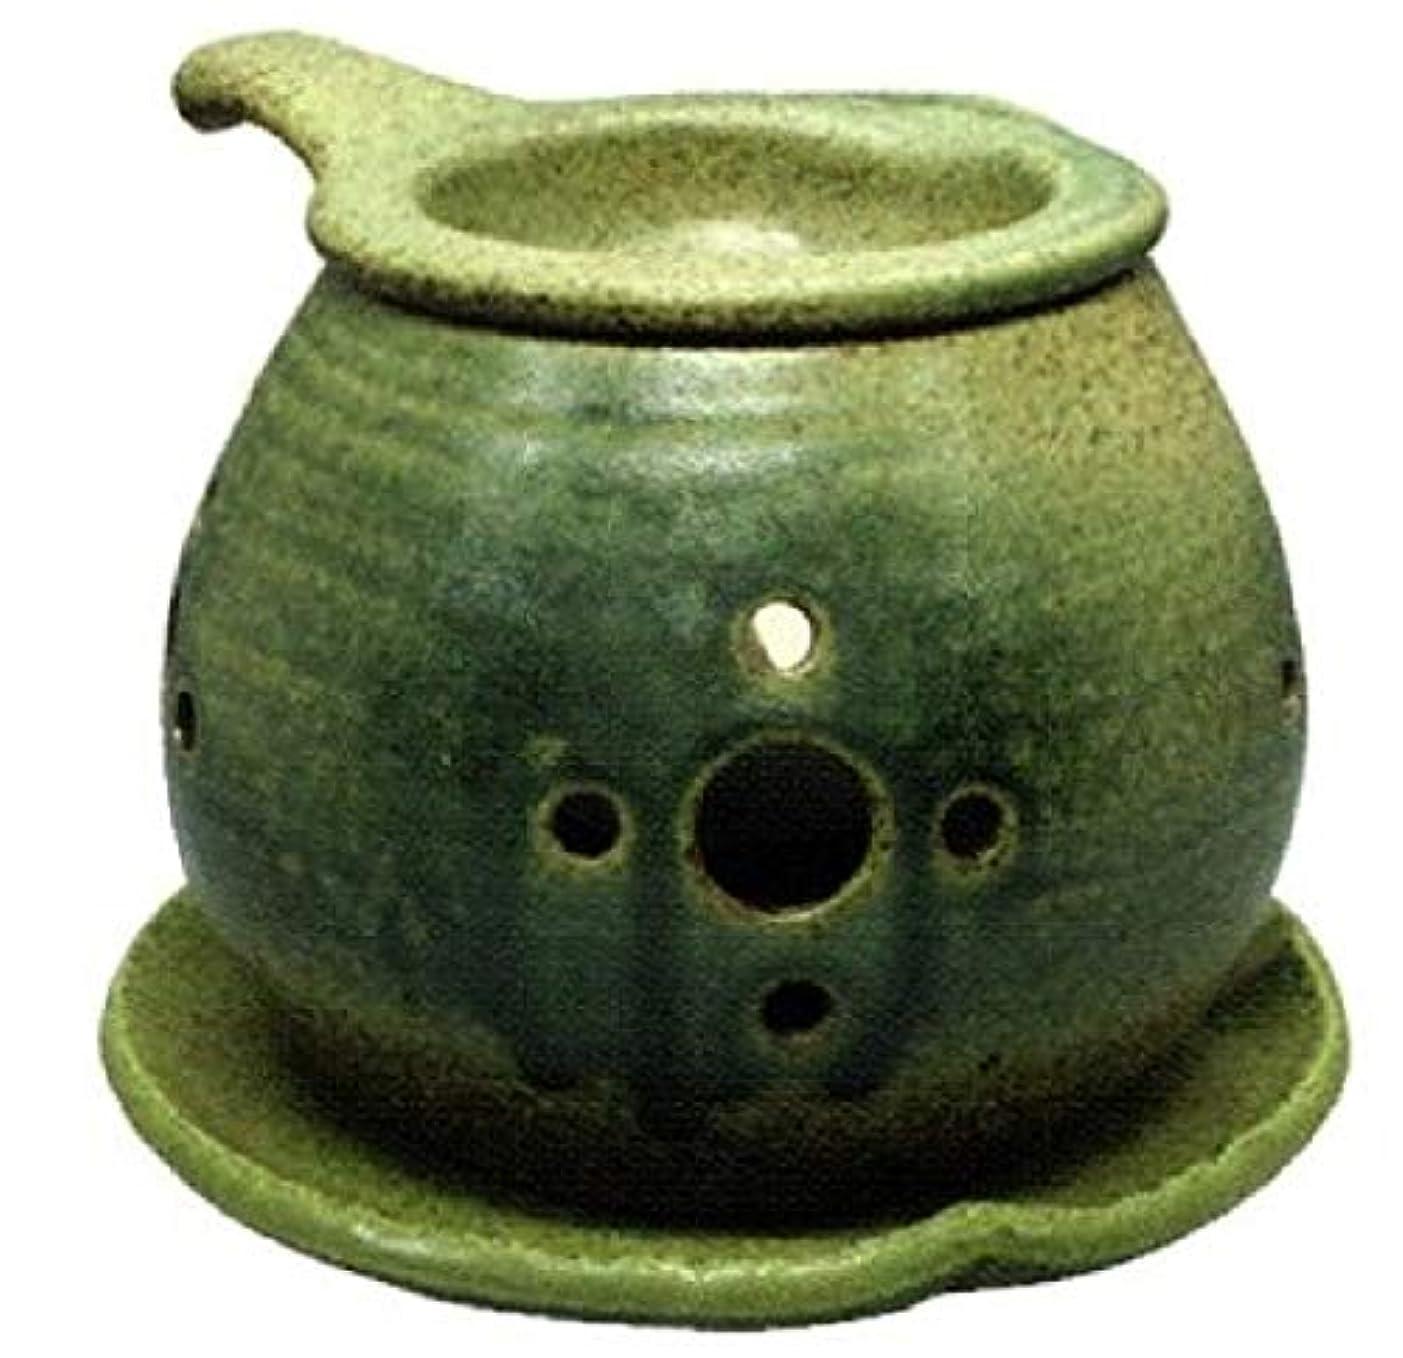 嵐のまっすぐにする成り立つ常滑焼 ?40-02 茶香炉間宮窯  皿付    径14×10